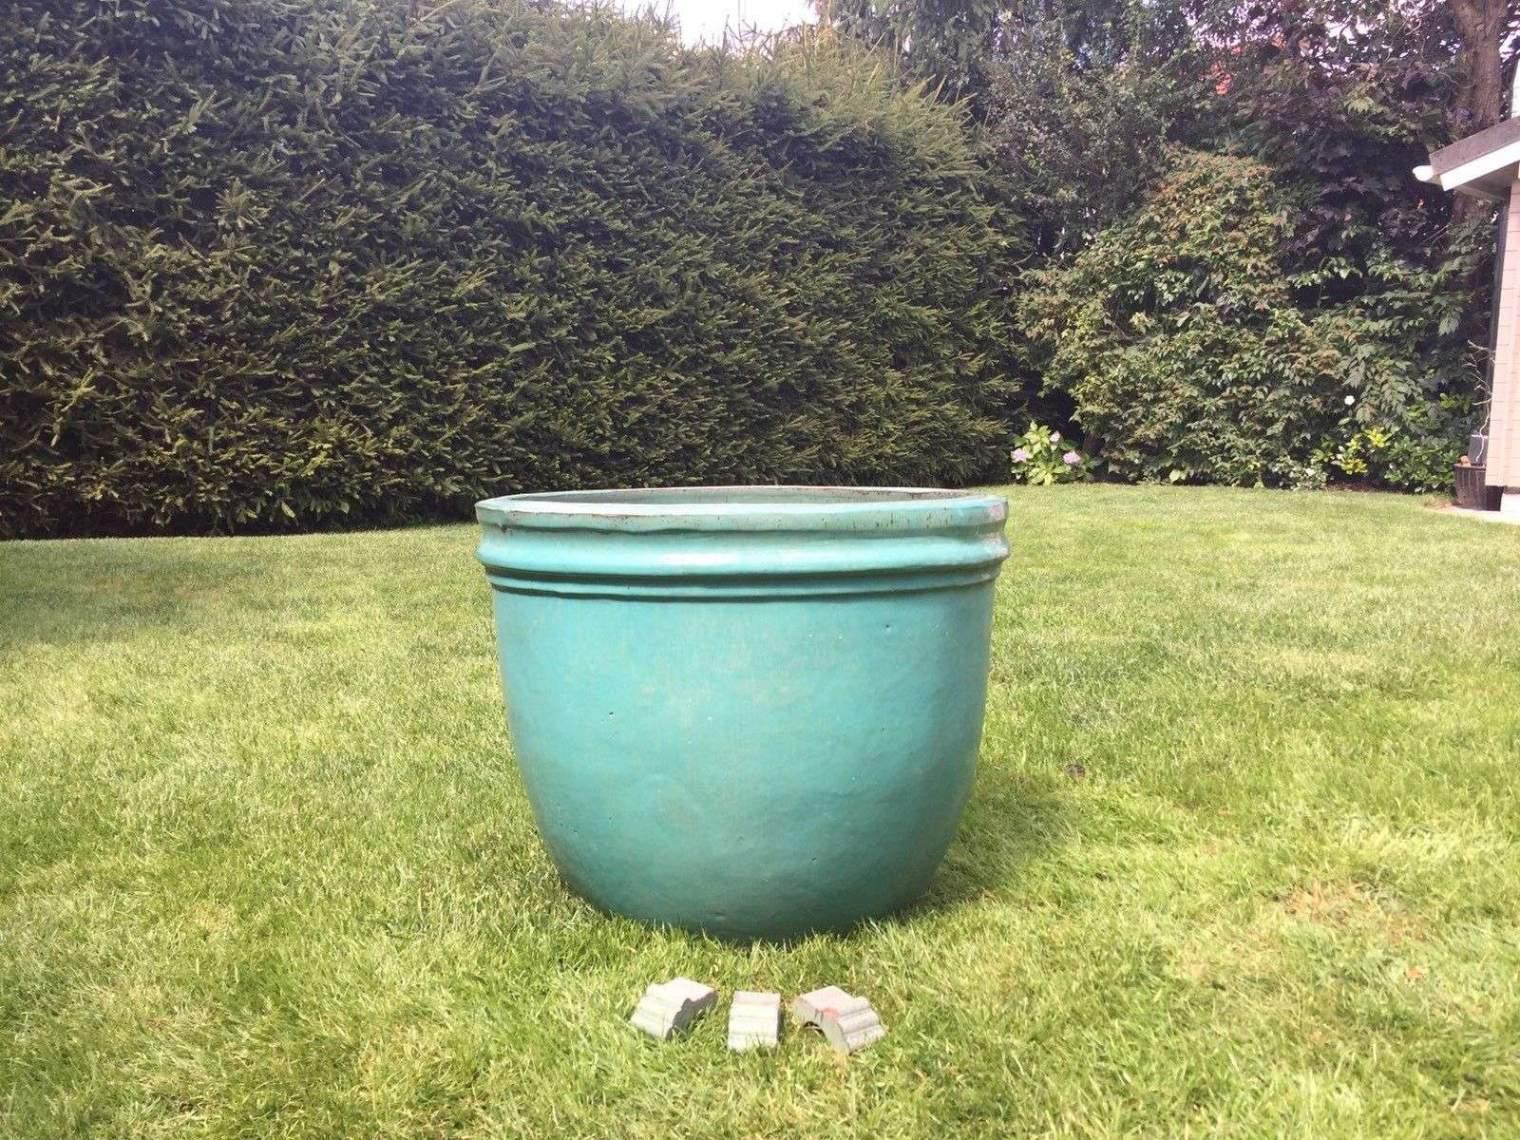 Pflanzkübel Garten Frisch Pflanzen Sichtschutz Terrasse Kübel — Temobardz Home Blog